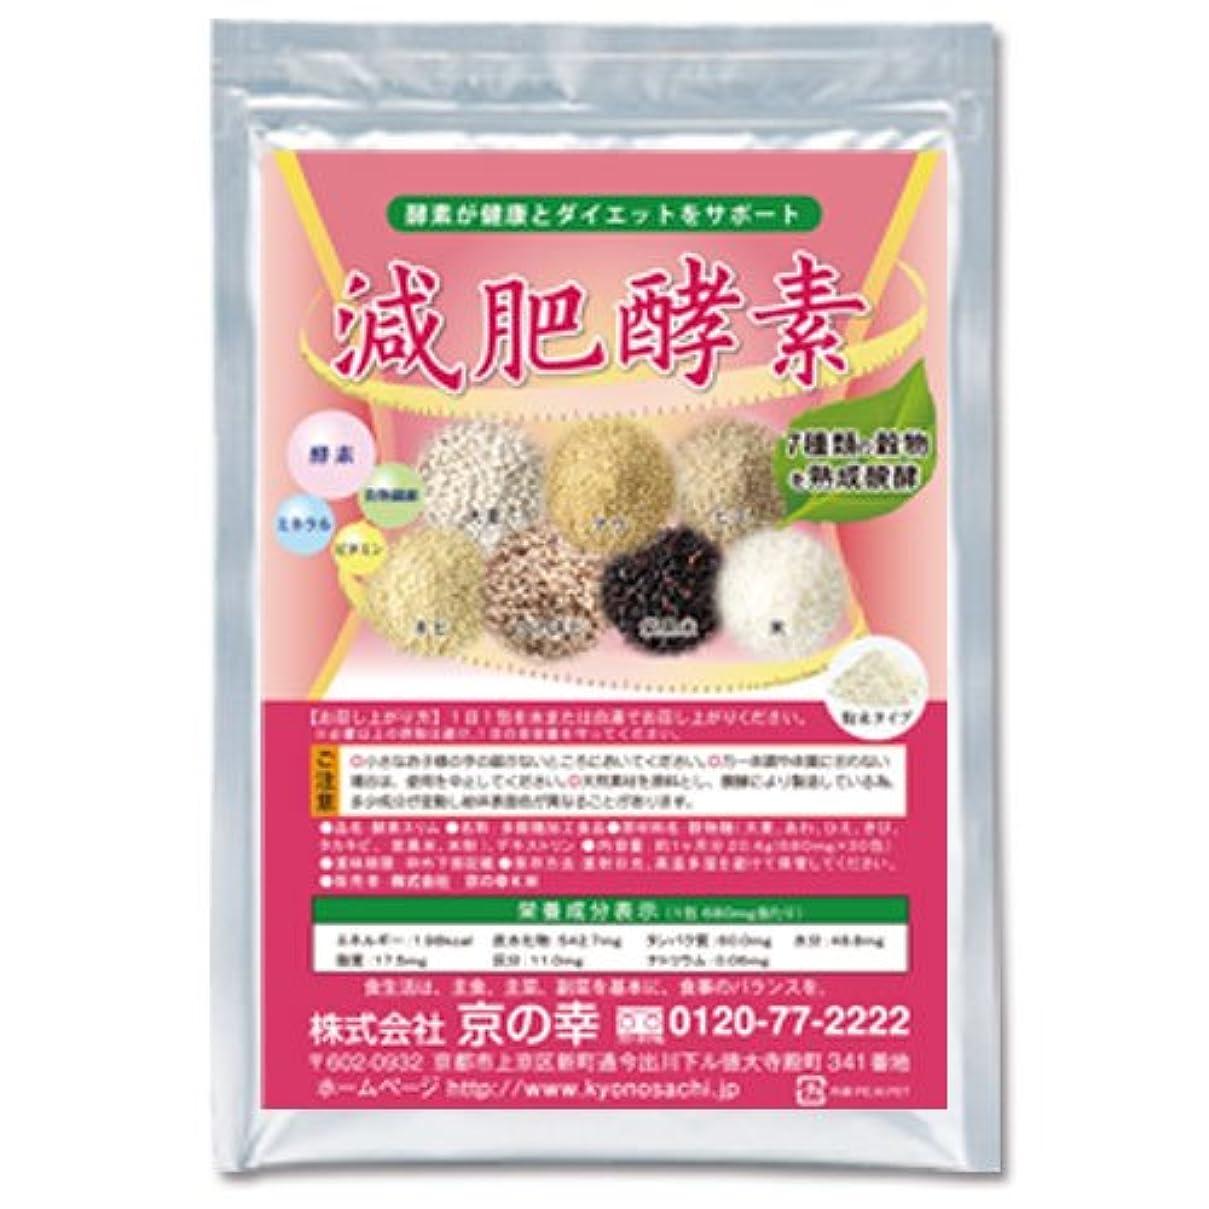 包帯オーバーラン好み減肥酵素(30包)1ヶ月分